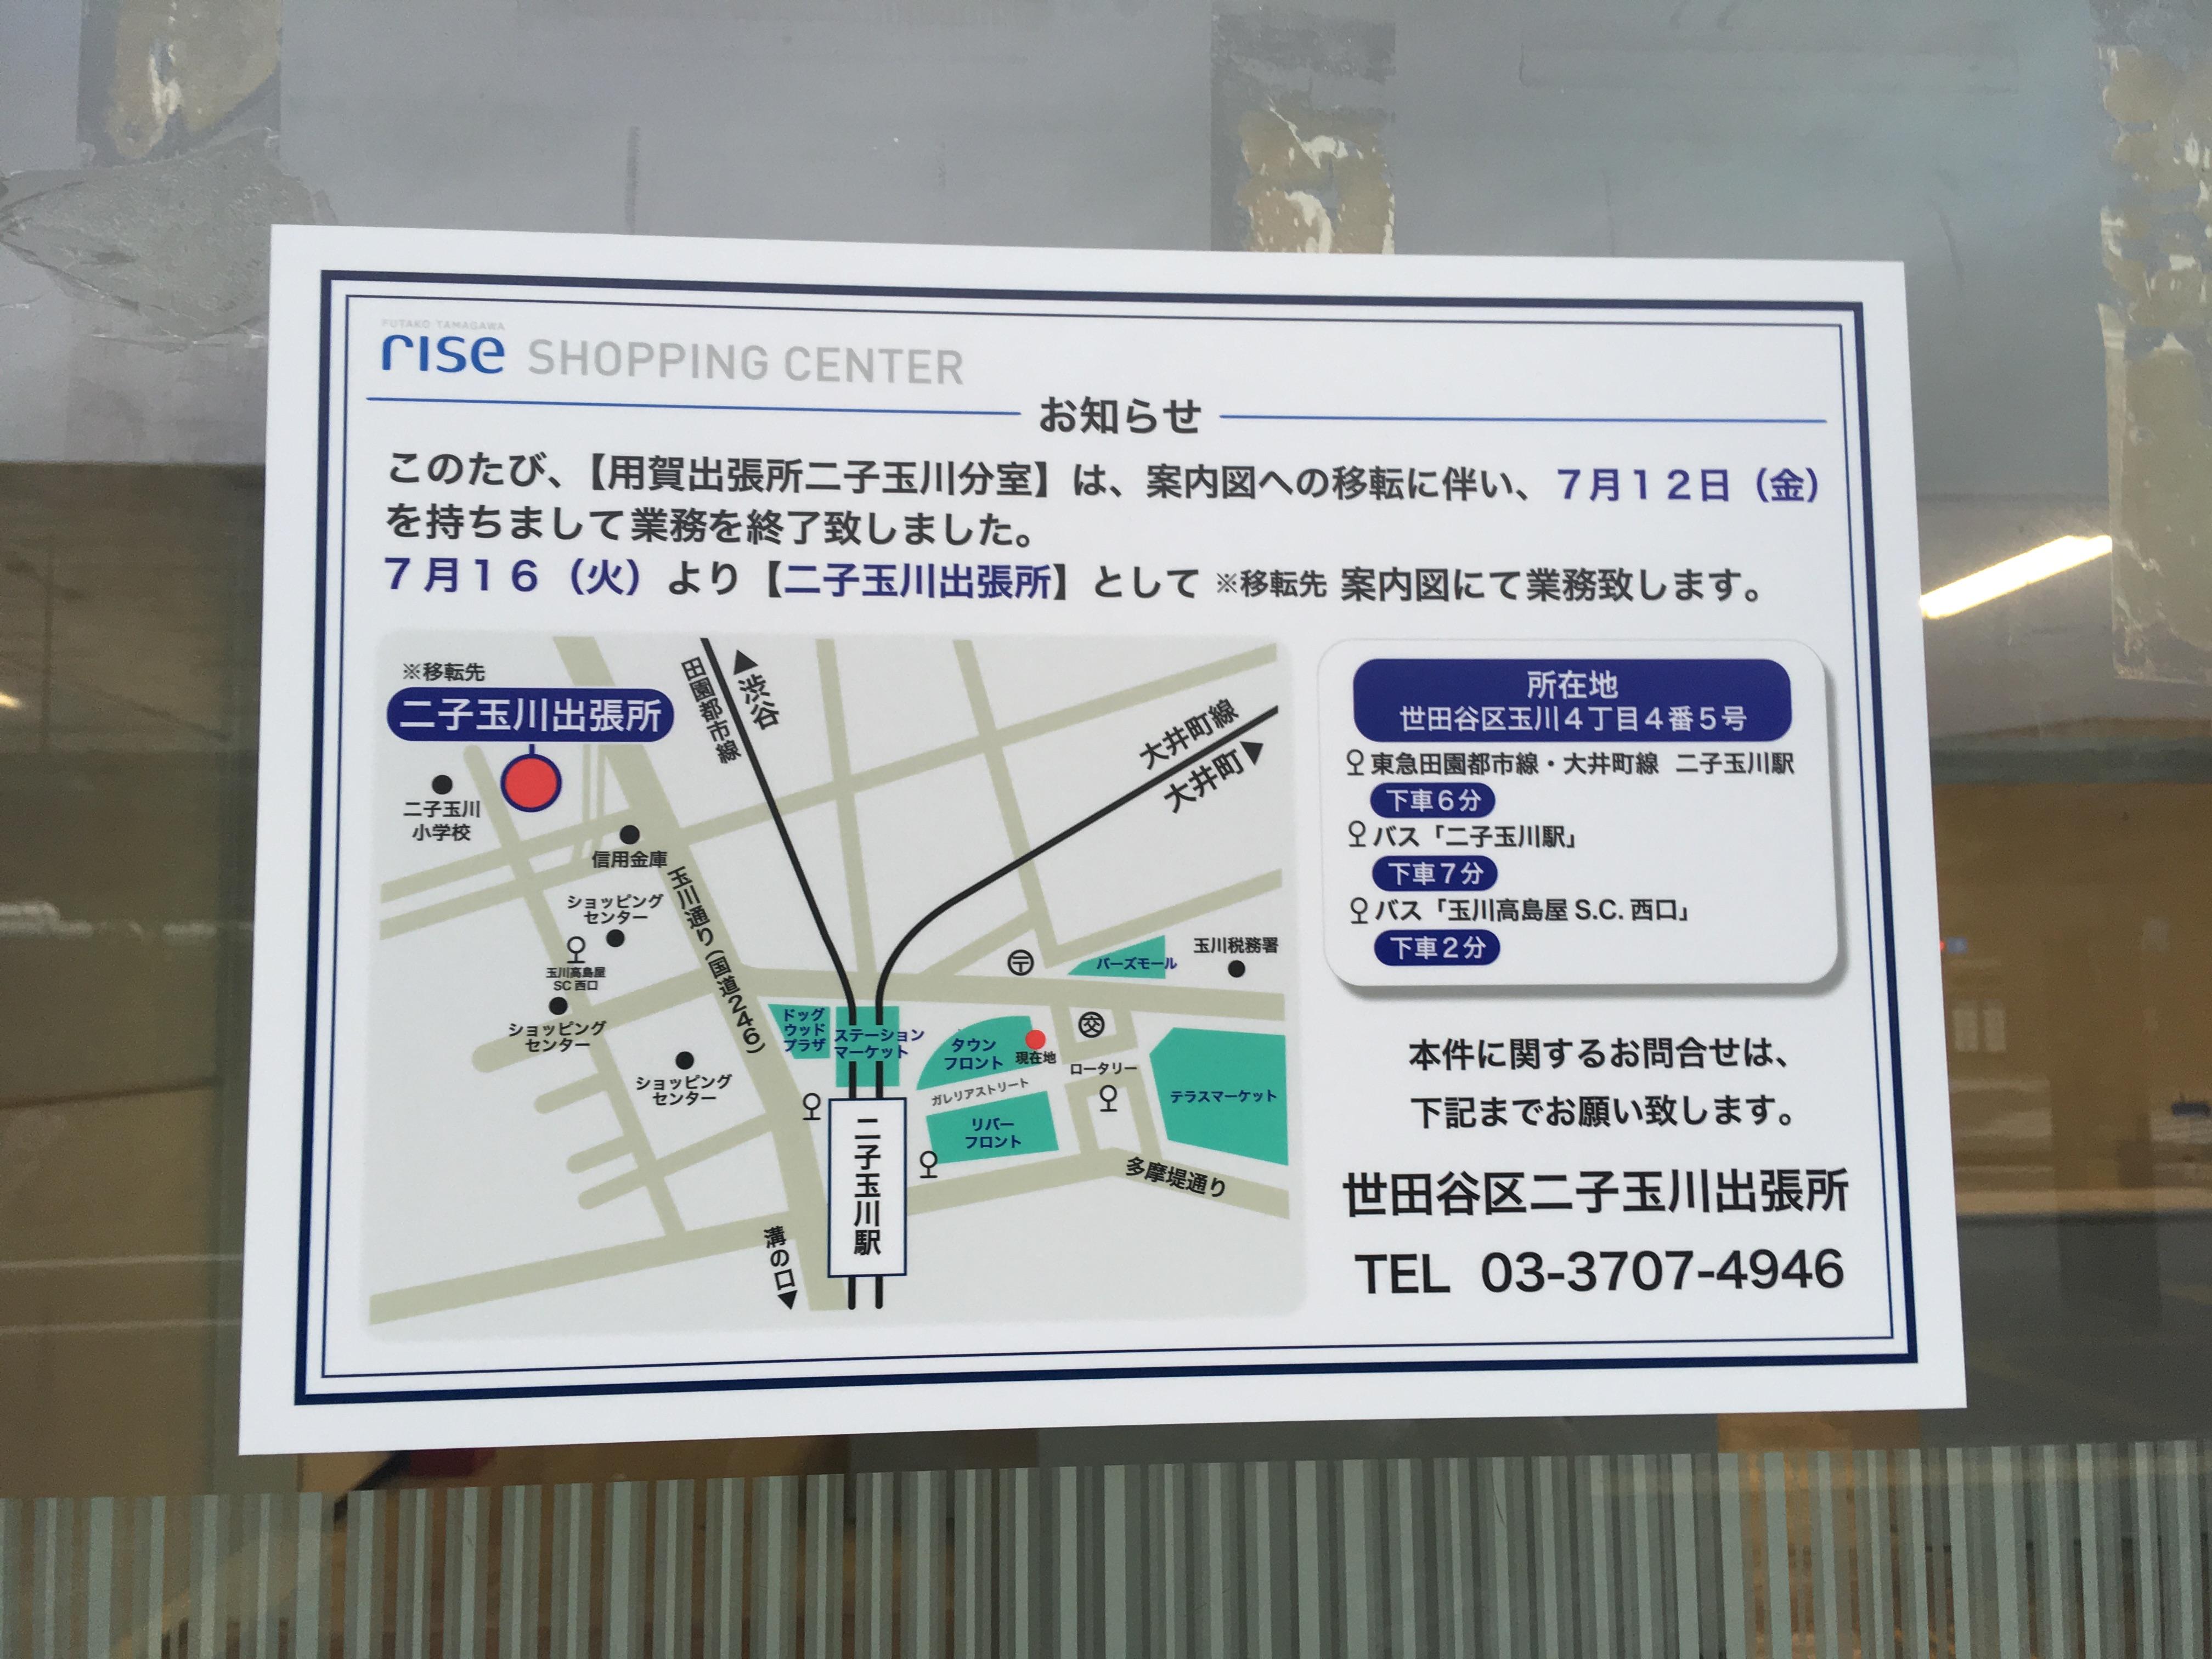 二子玉川駅近くにあった世田谷区の区役所の出張所が移転になりました